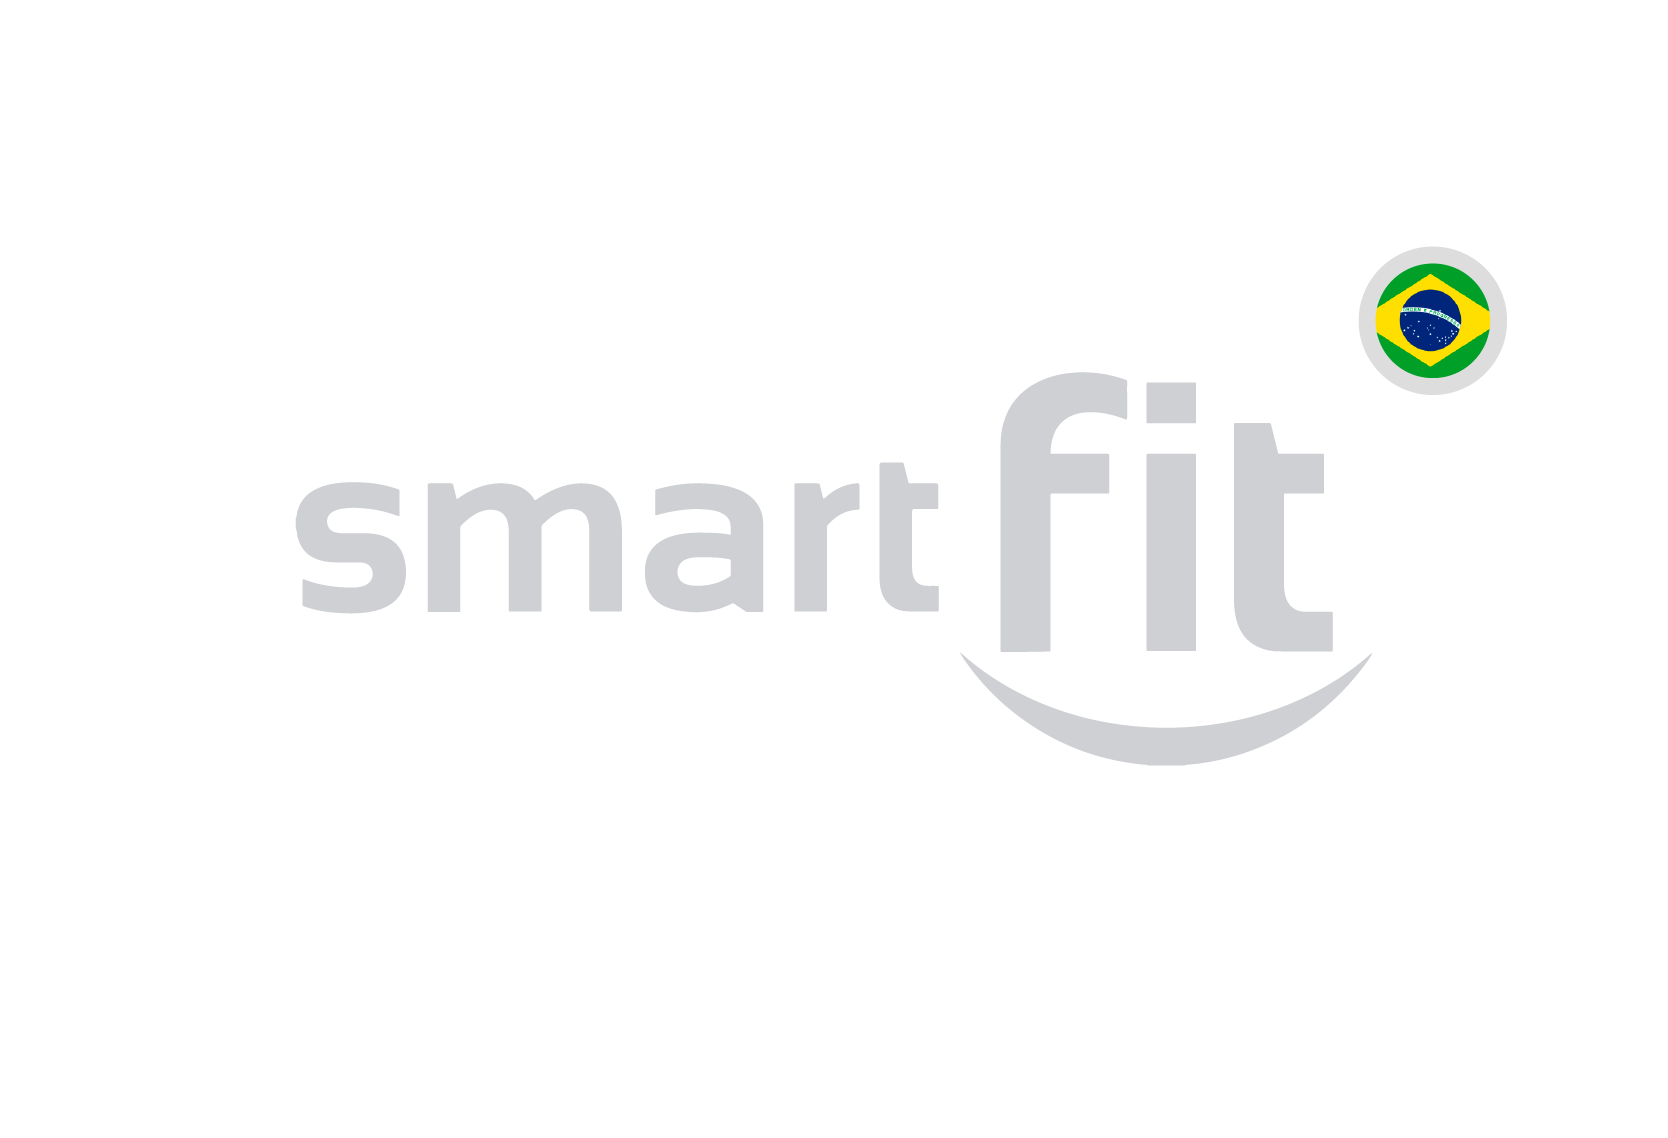 smartfit-brasil-02